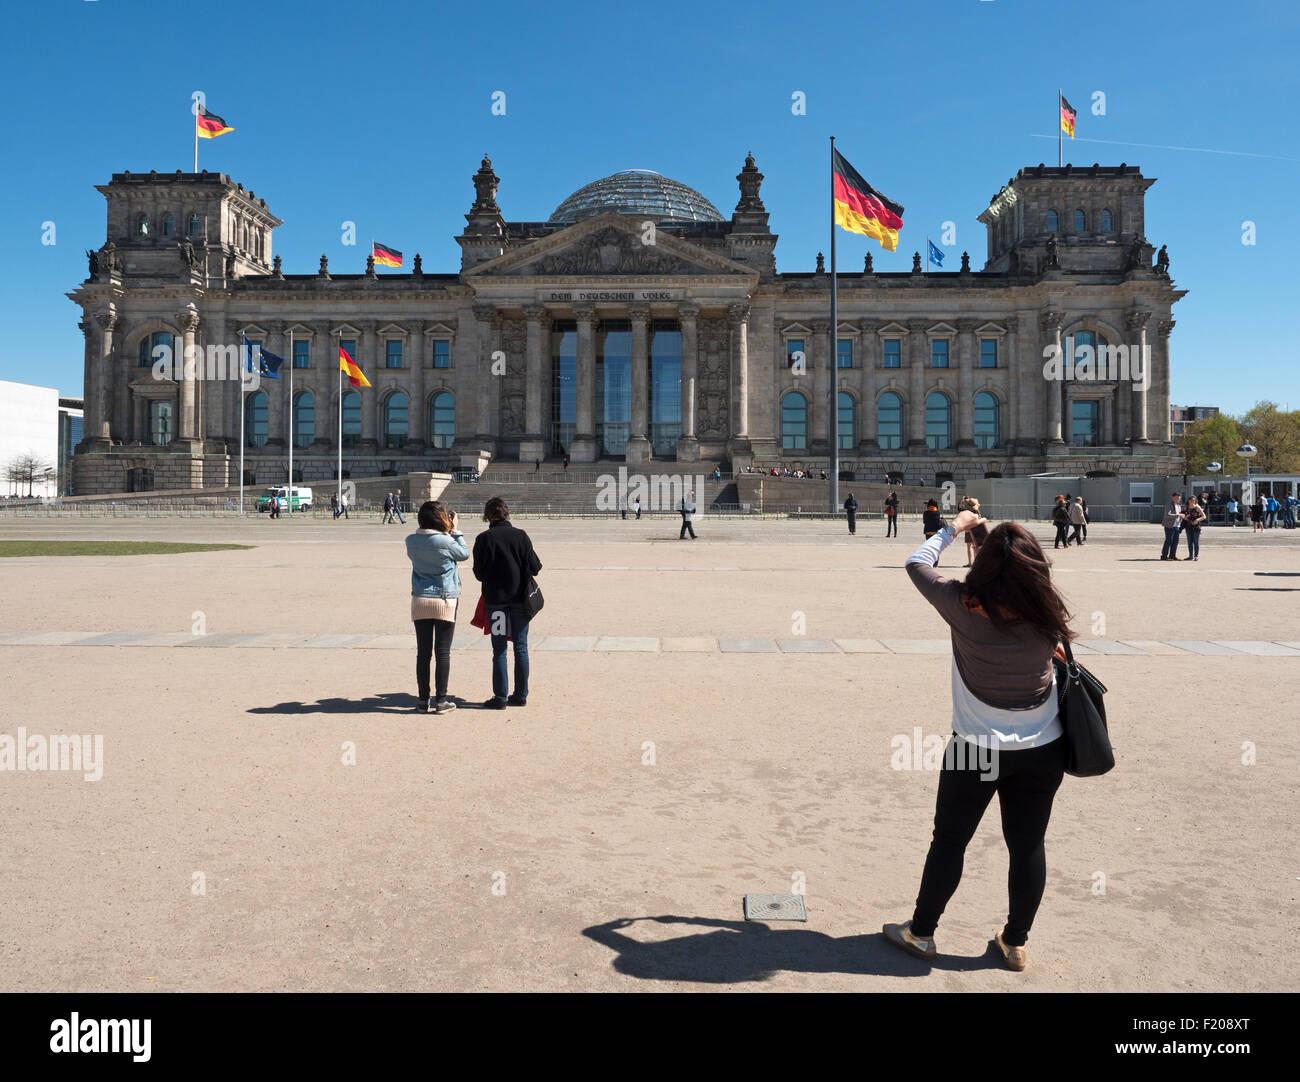 Berlin, Germany - April 21, 2015: Touristen vor dem Berliner Reichstag - Stock Image